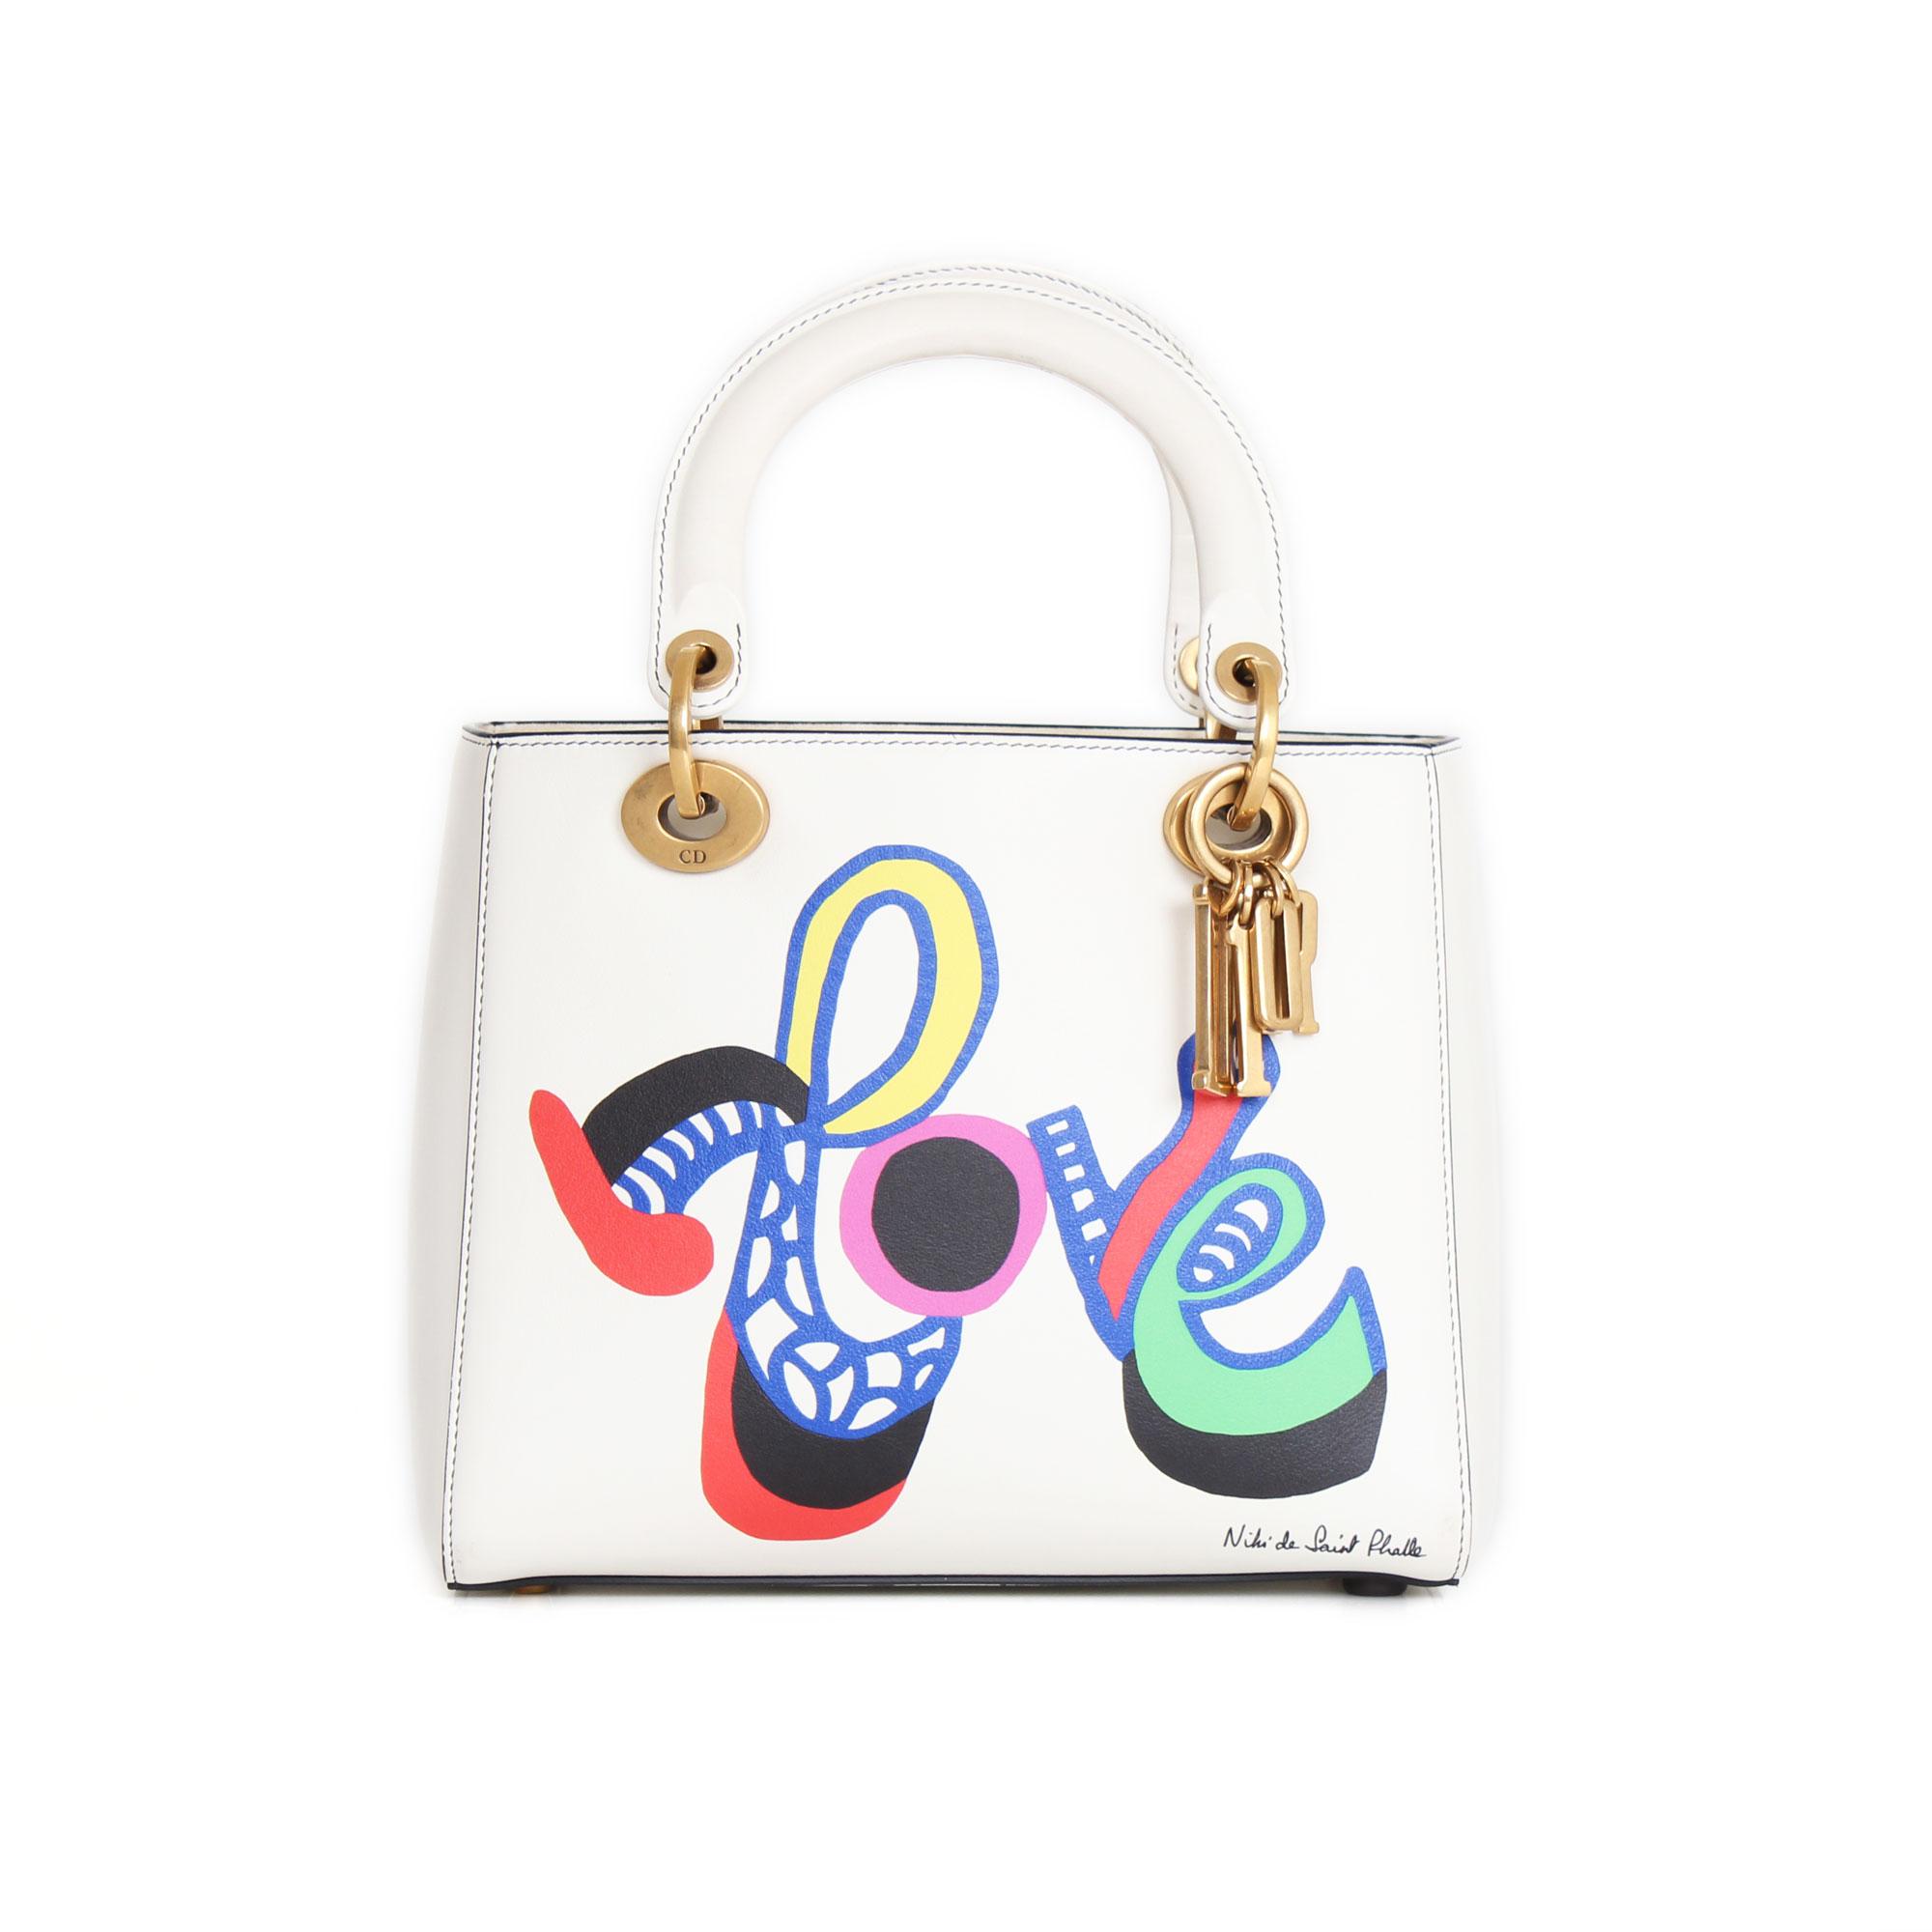 de6015e2fae5 Dior handbag Lady Dior Niki de Saint Phalle